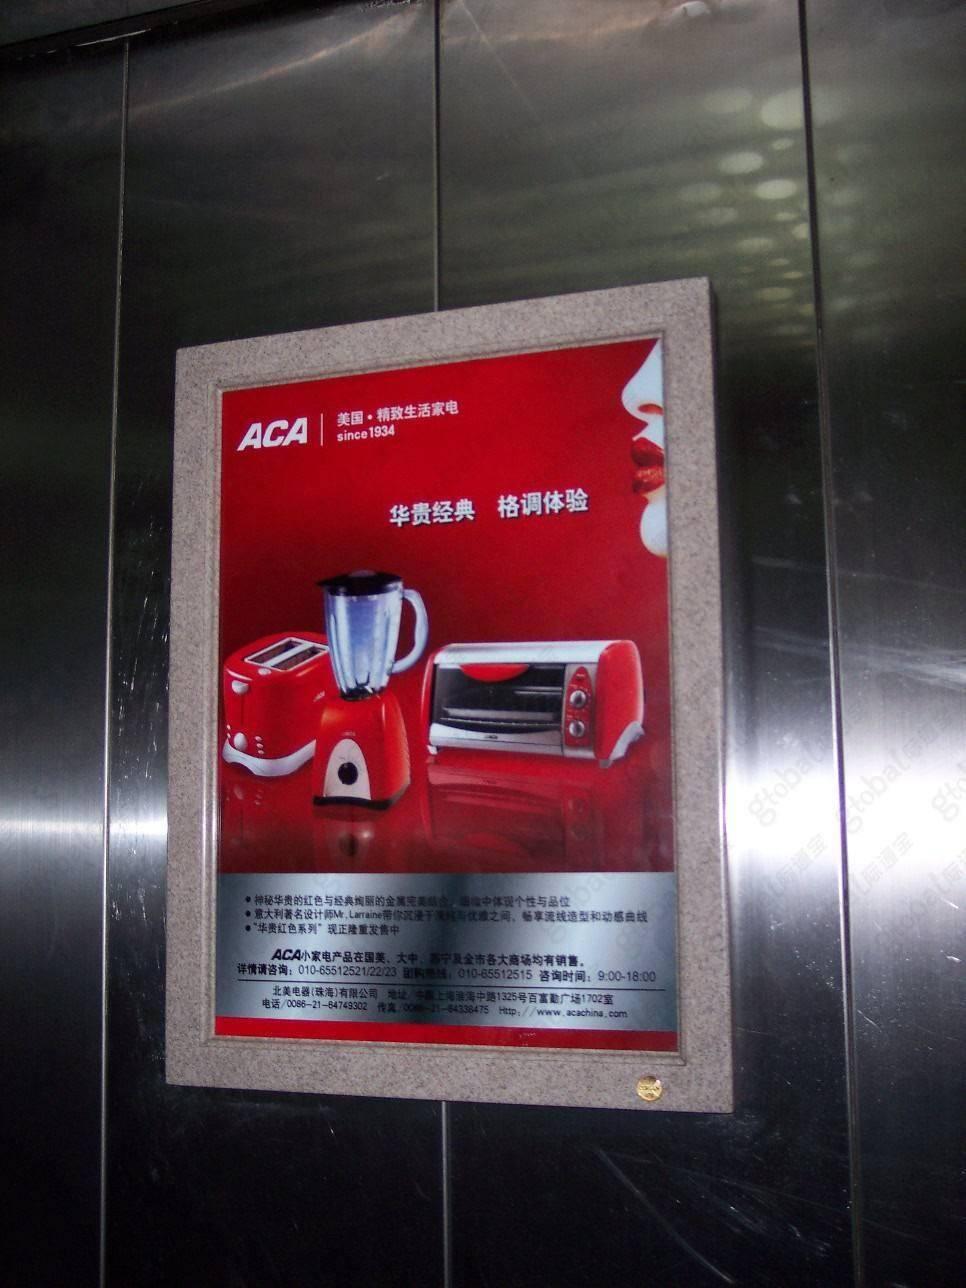 株洲电梯广告公司广告牌框架3.0投放(100框起投)